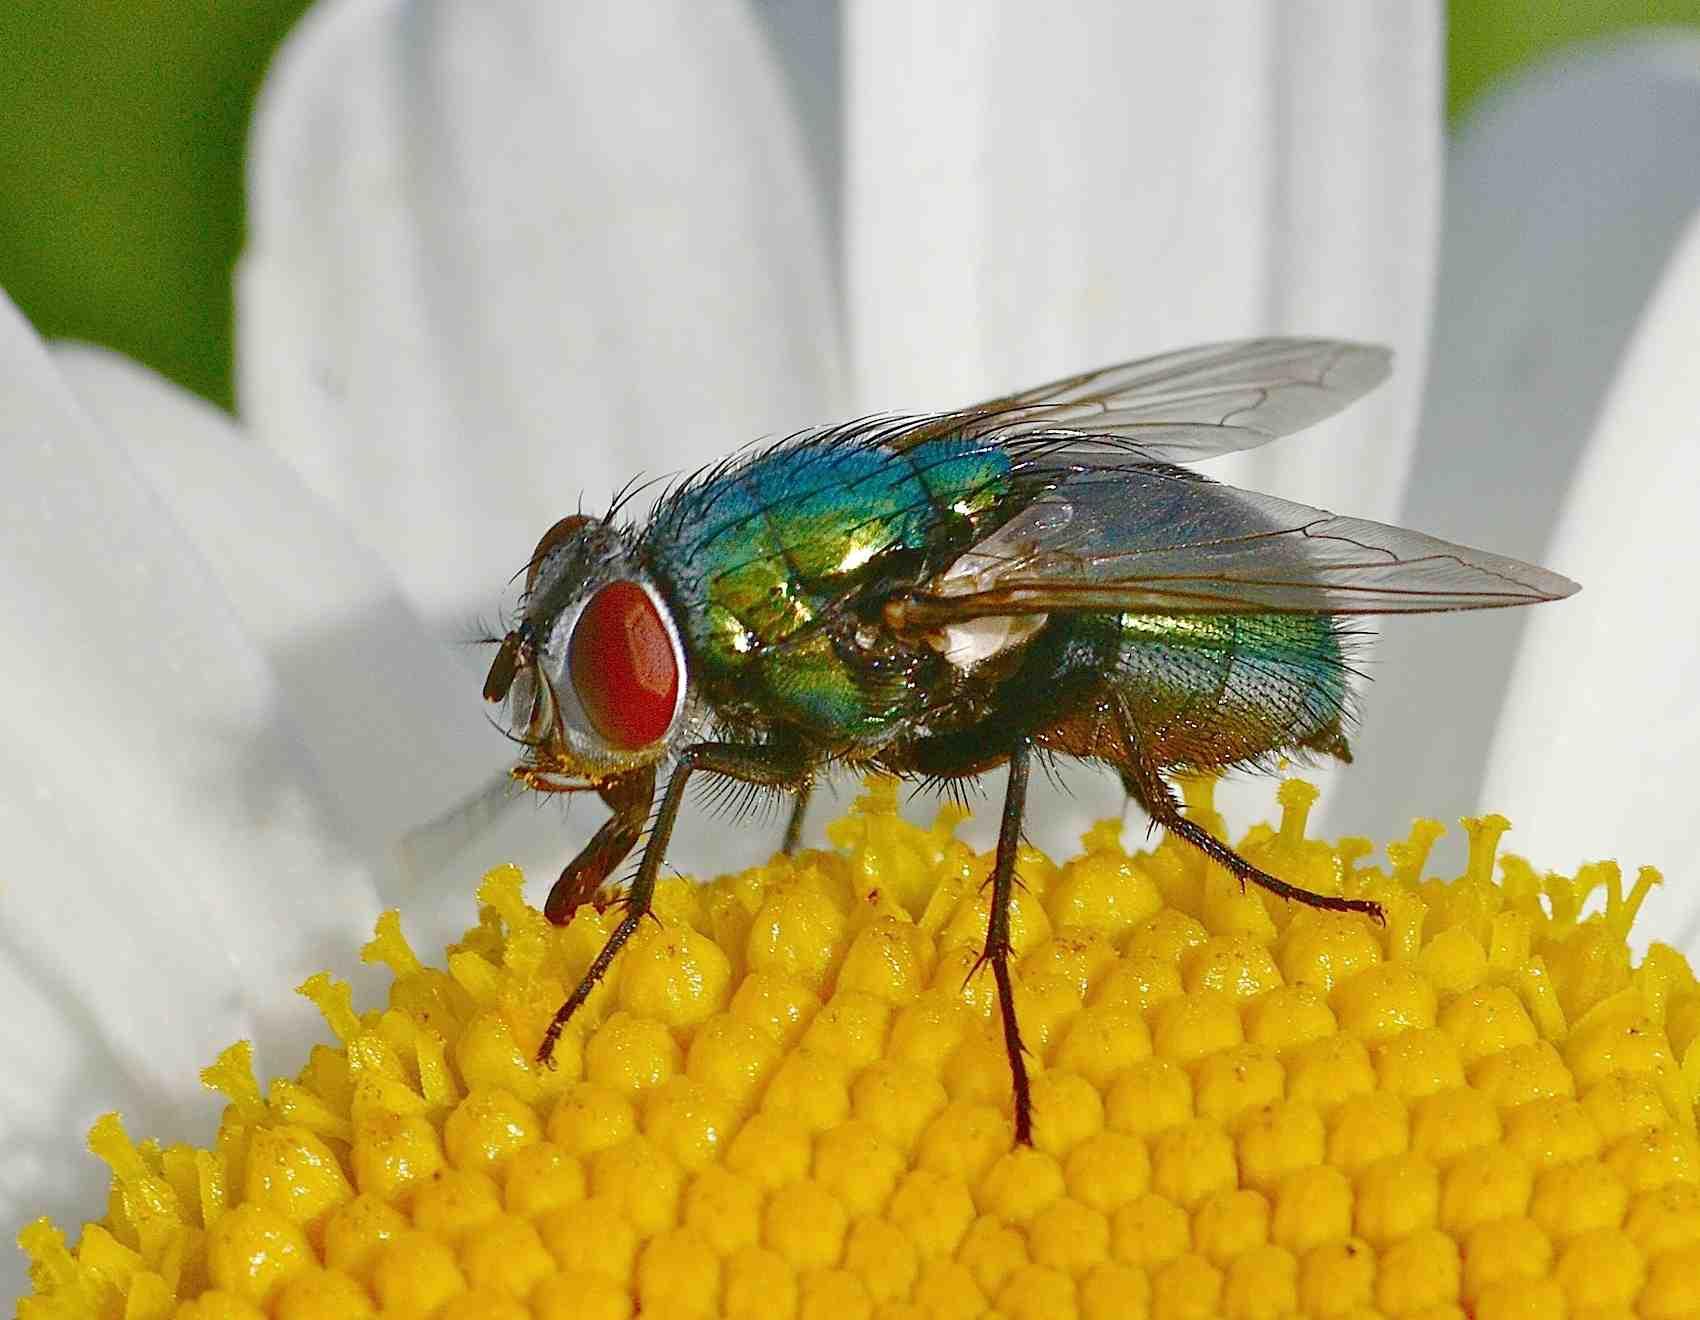 Qu'est-ce qui peut attirer les mouches dans une maison ?